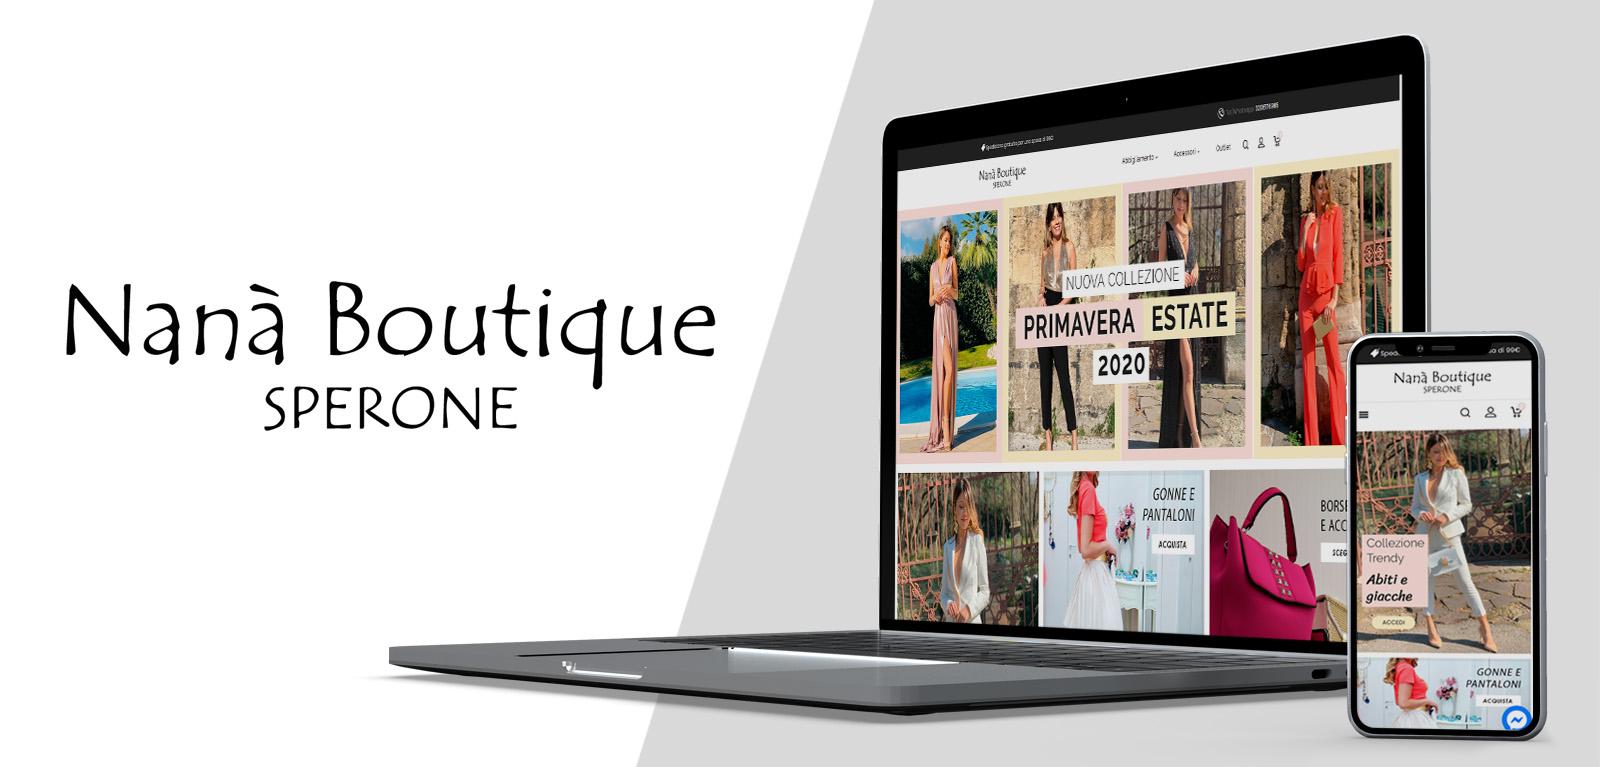 creazione-sito-web-ecommerce-online-abbigliamento-nana-boutique-sperone